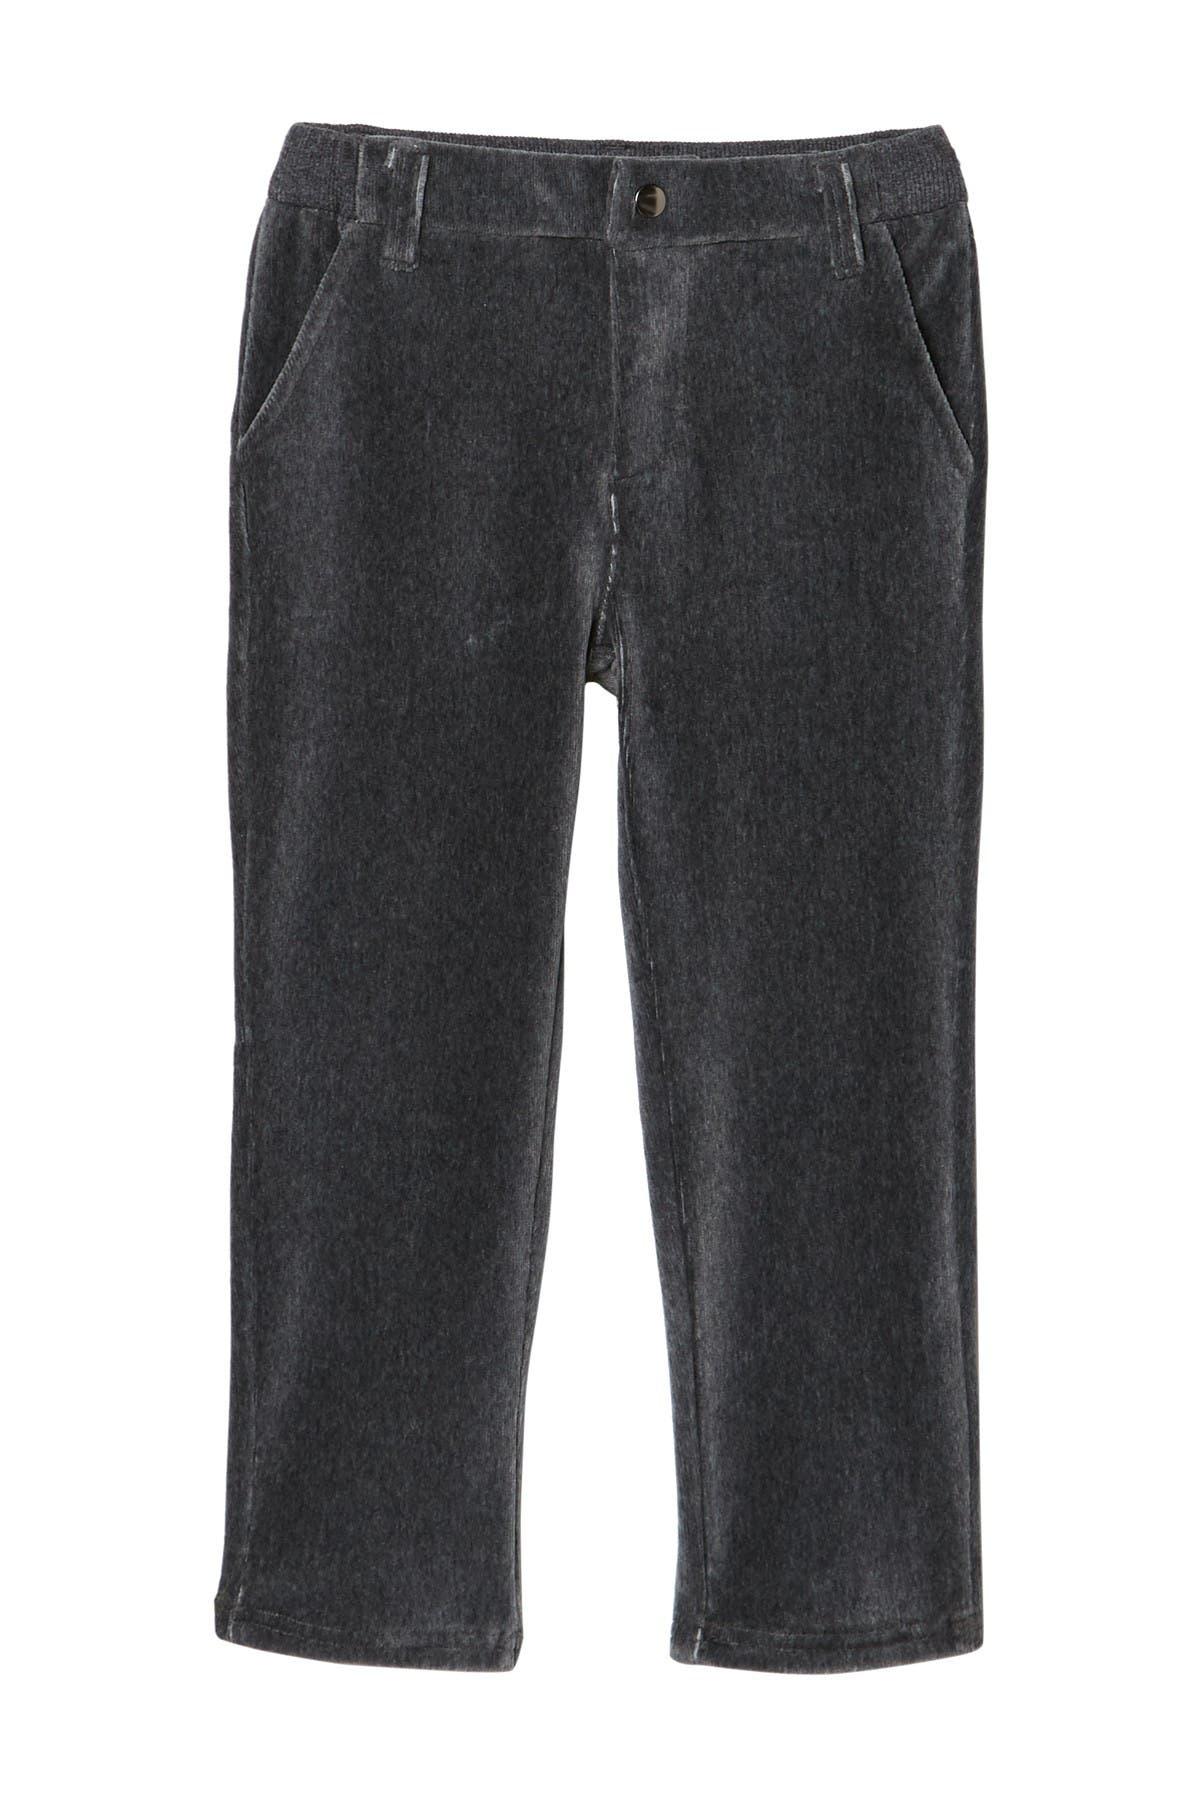 Andy & Evan Knit Cord Slim Pants